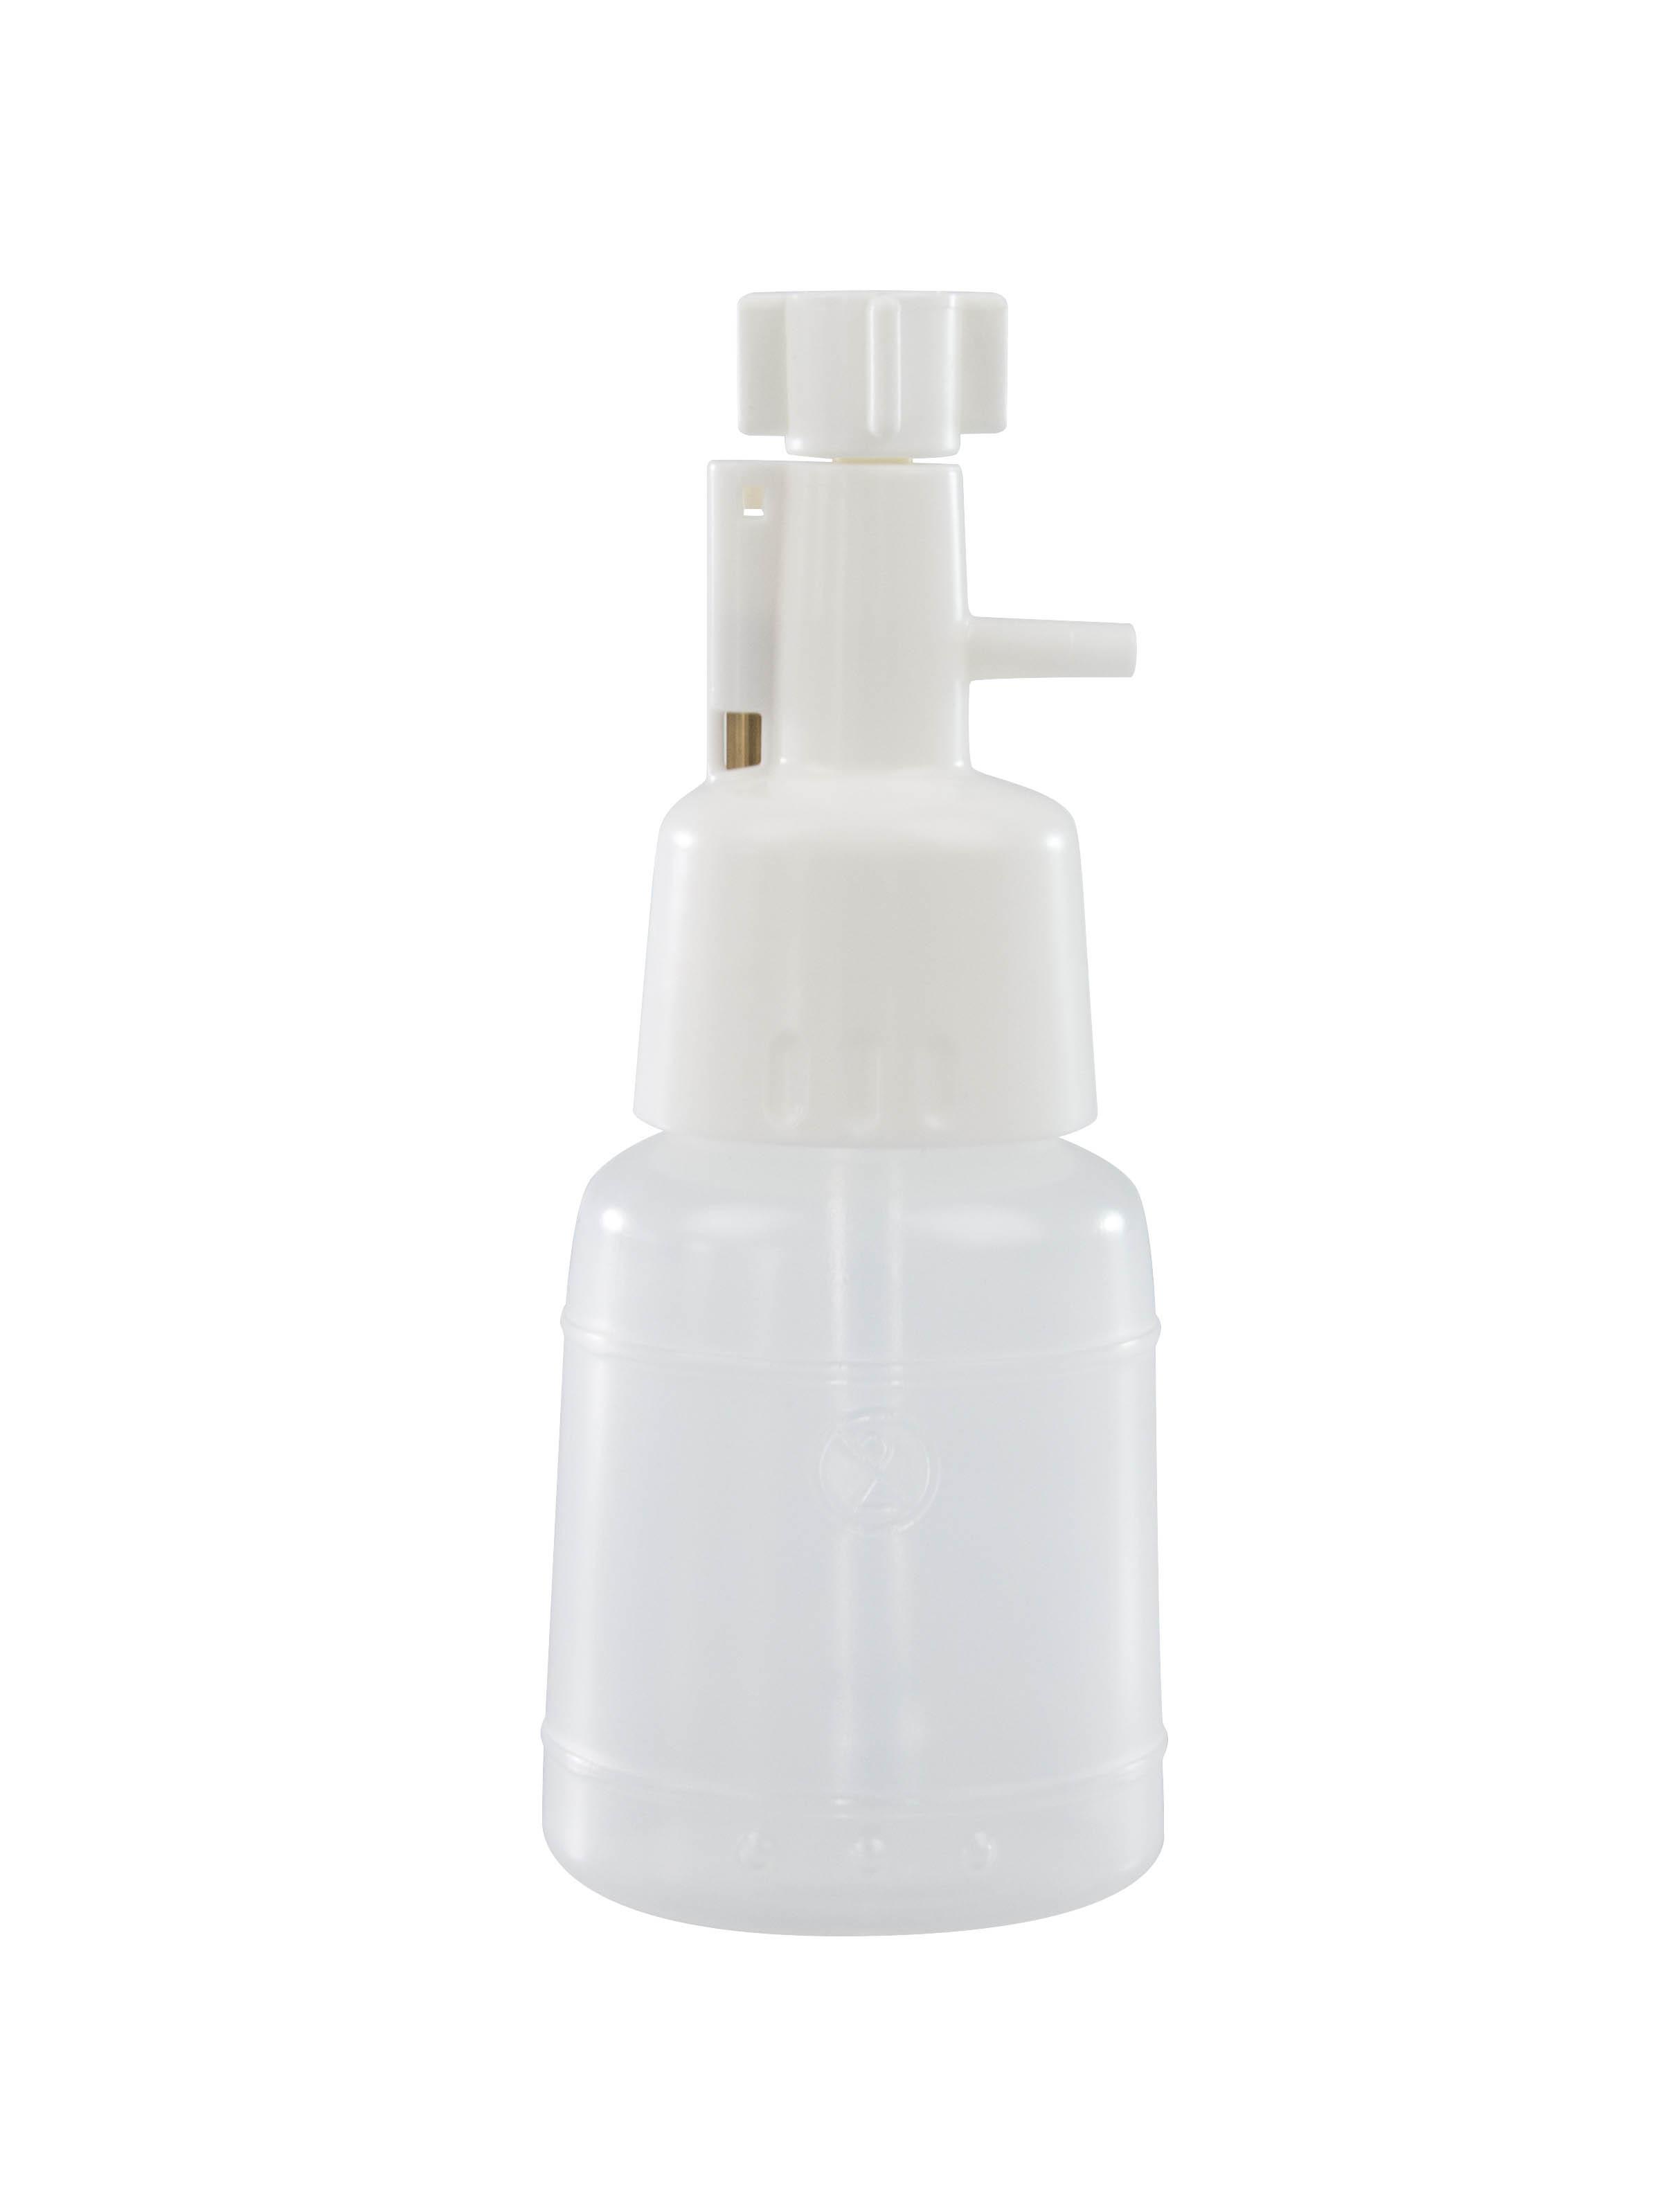 Atemgasanfeuchter / Sprudler / Befeuchtertopf - m.Ventil 140 ml